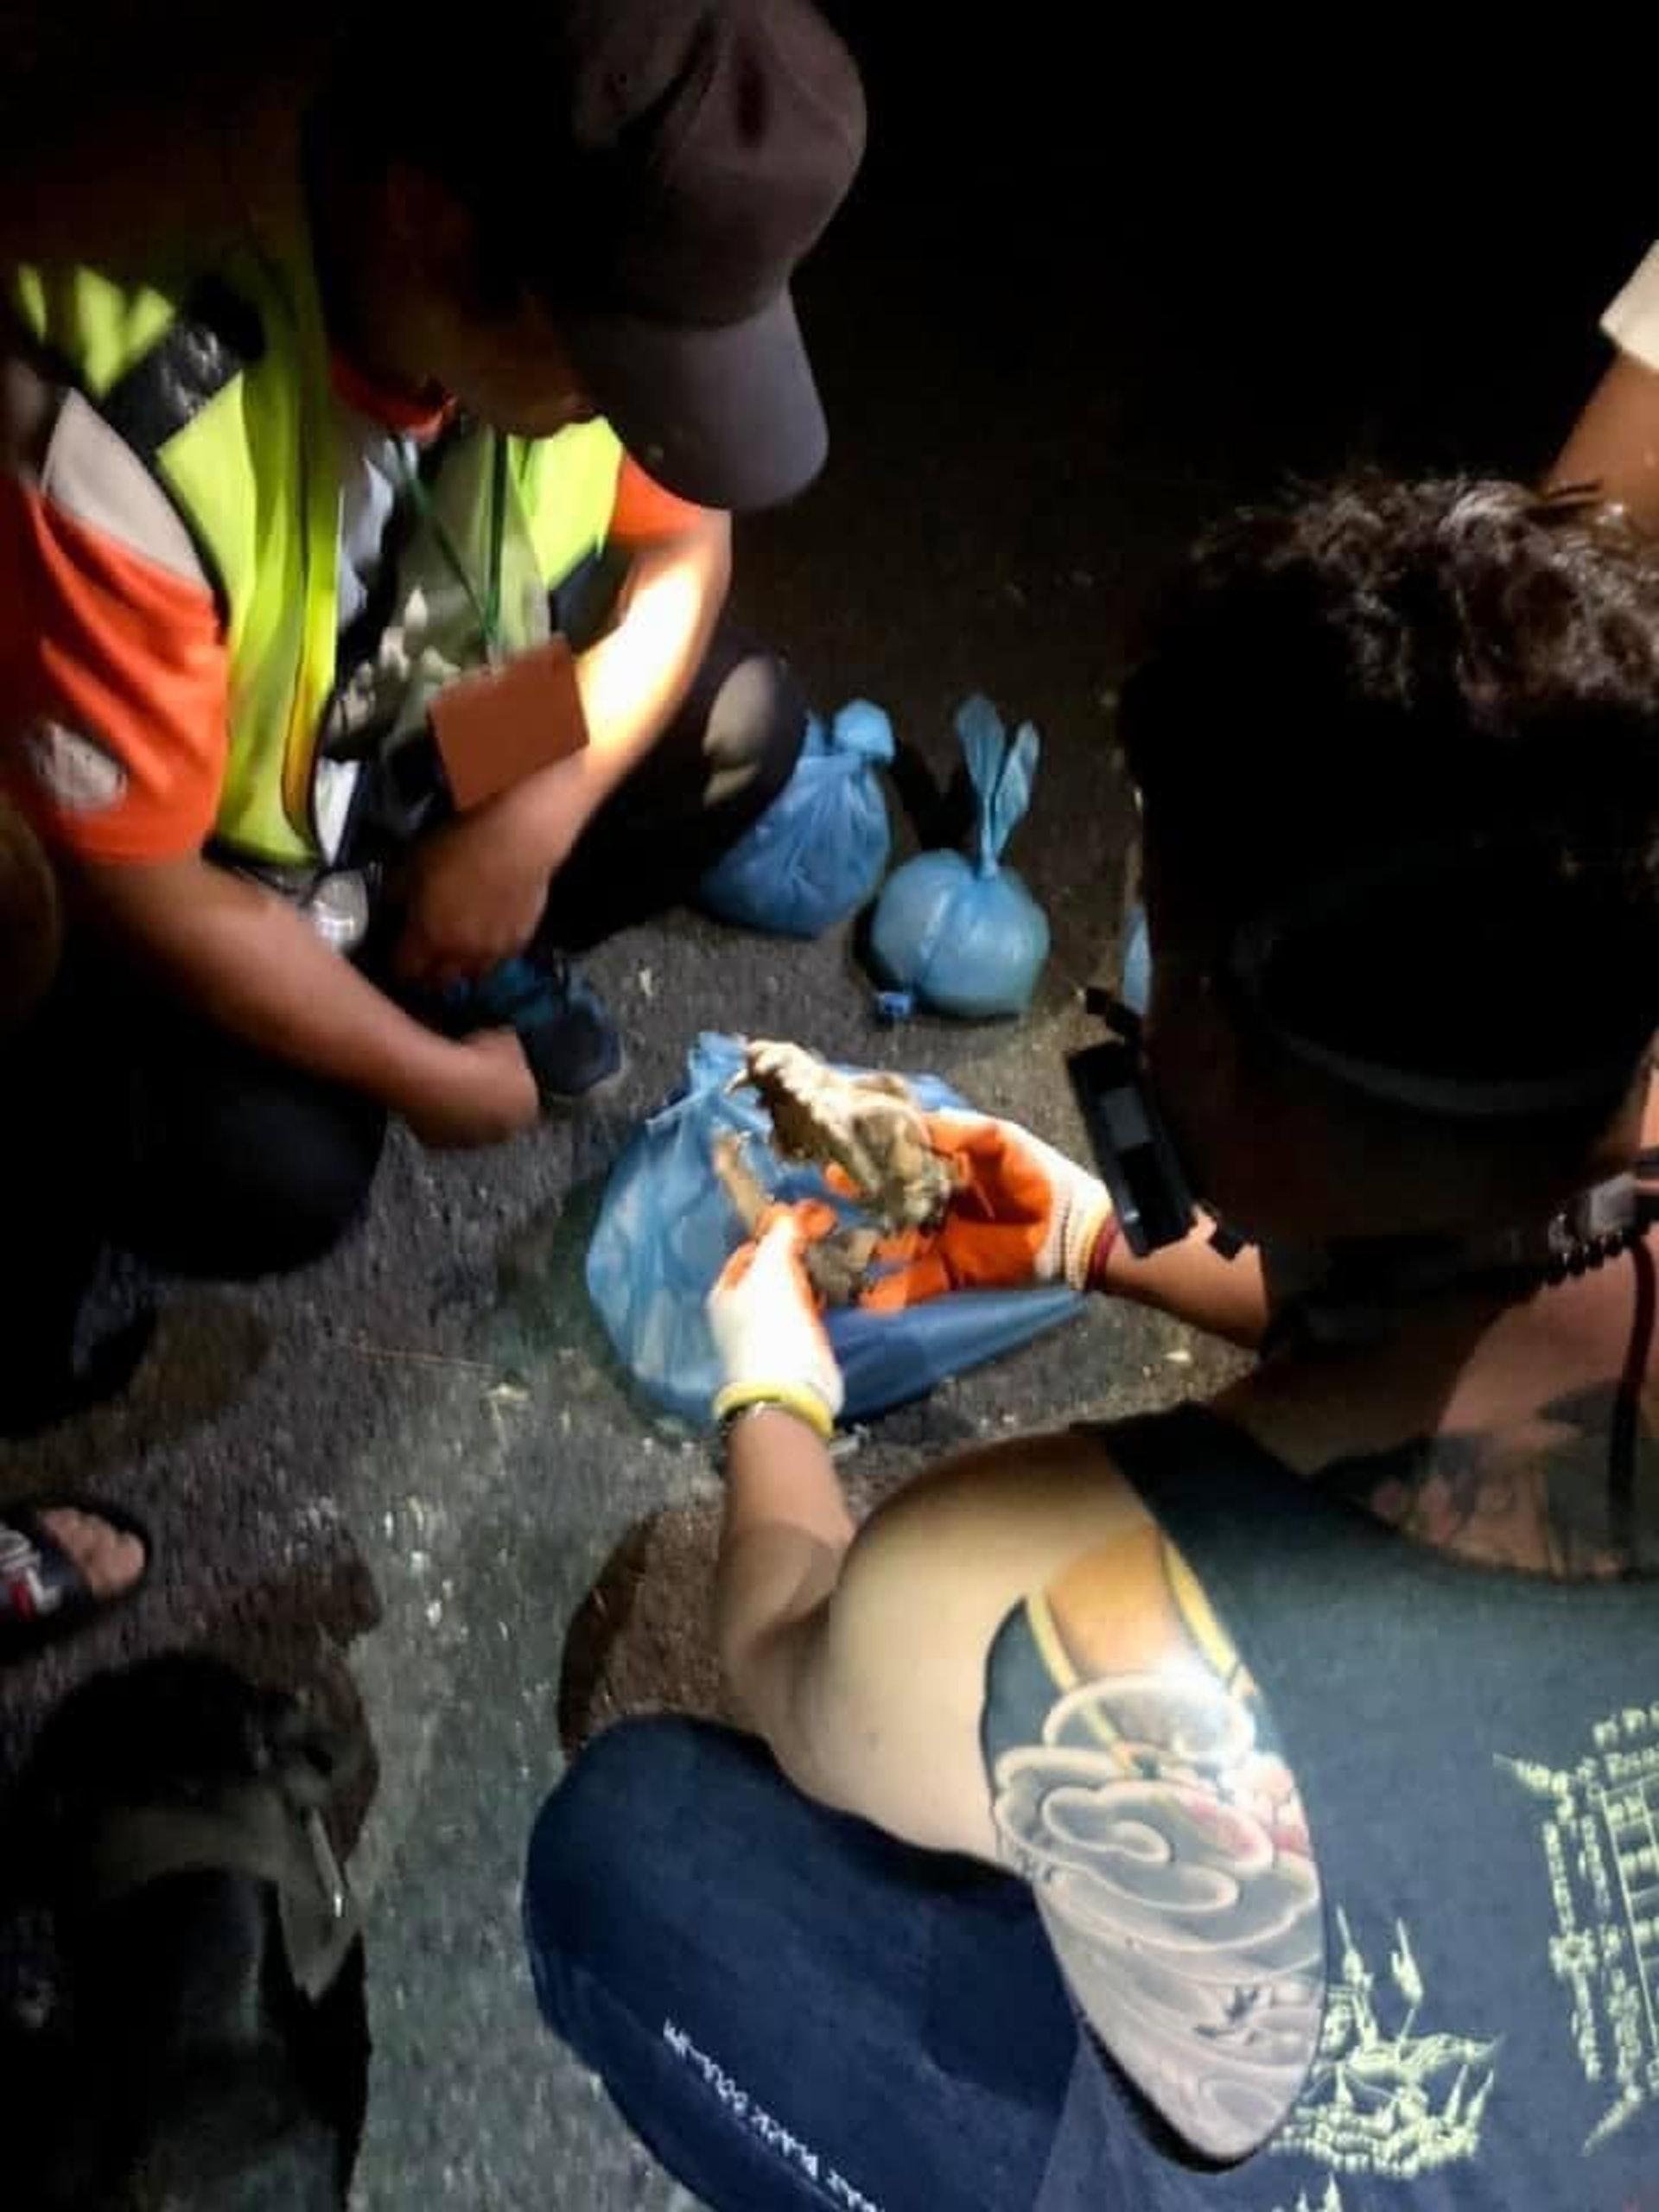 愛狗人士在台灣苗栗發現疑似屠狗場。(Facebook@新竹市浪愛傳遞貓狗TNVR協會)